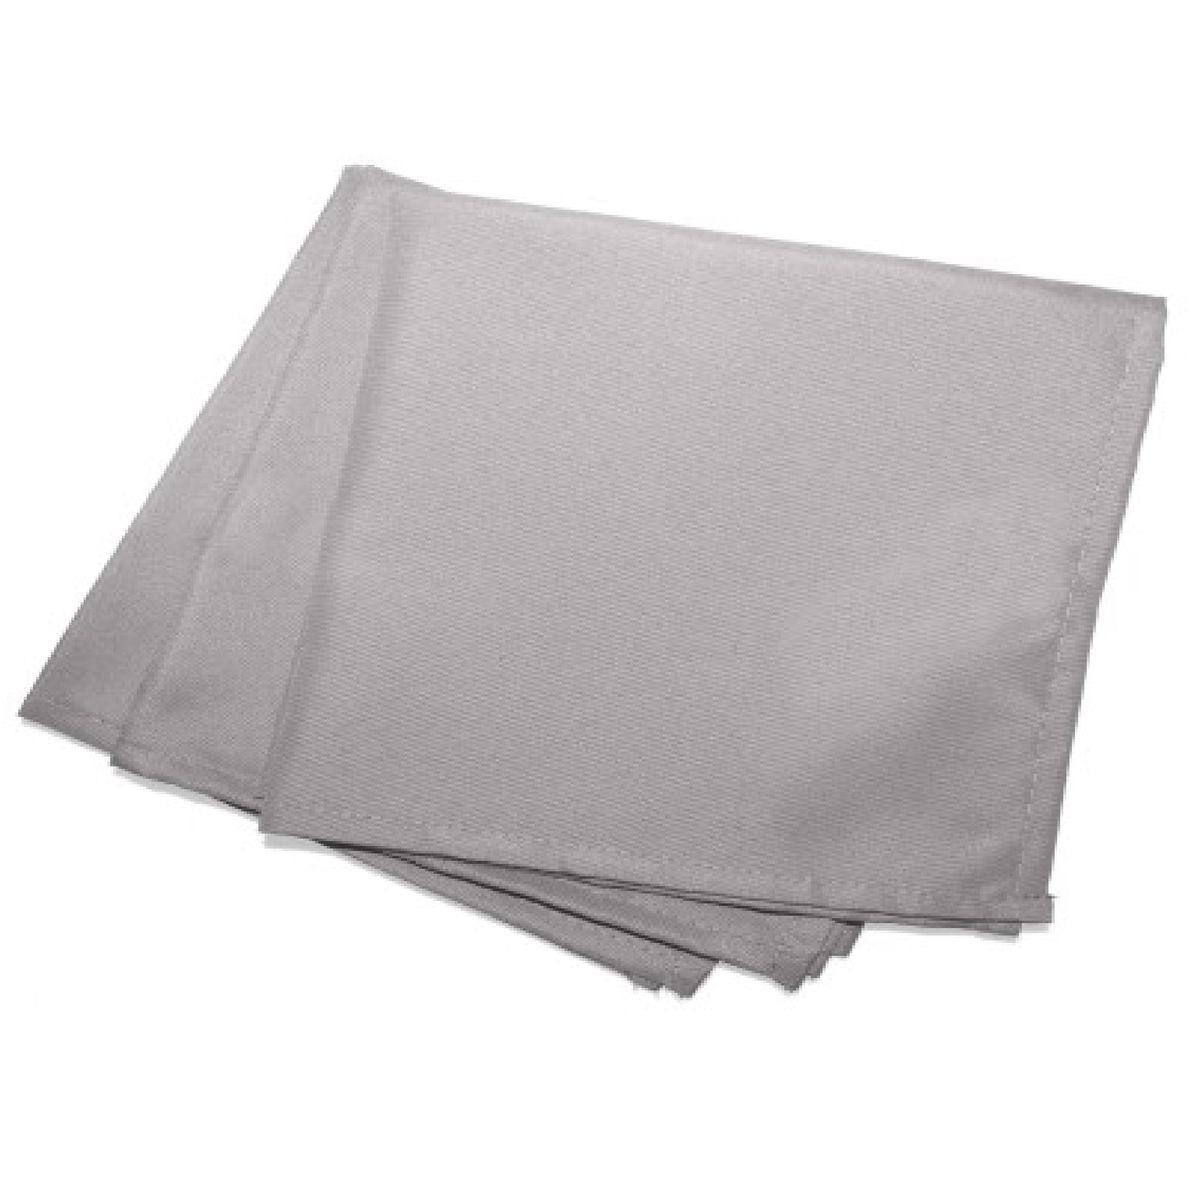 3 Serviettes de table  40 x 40 cm gris